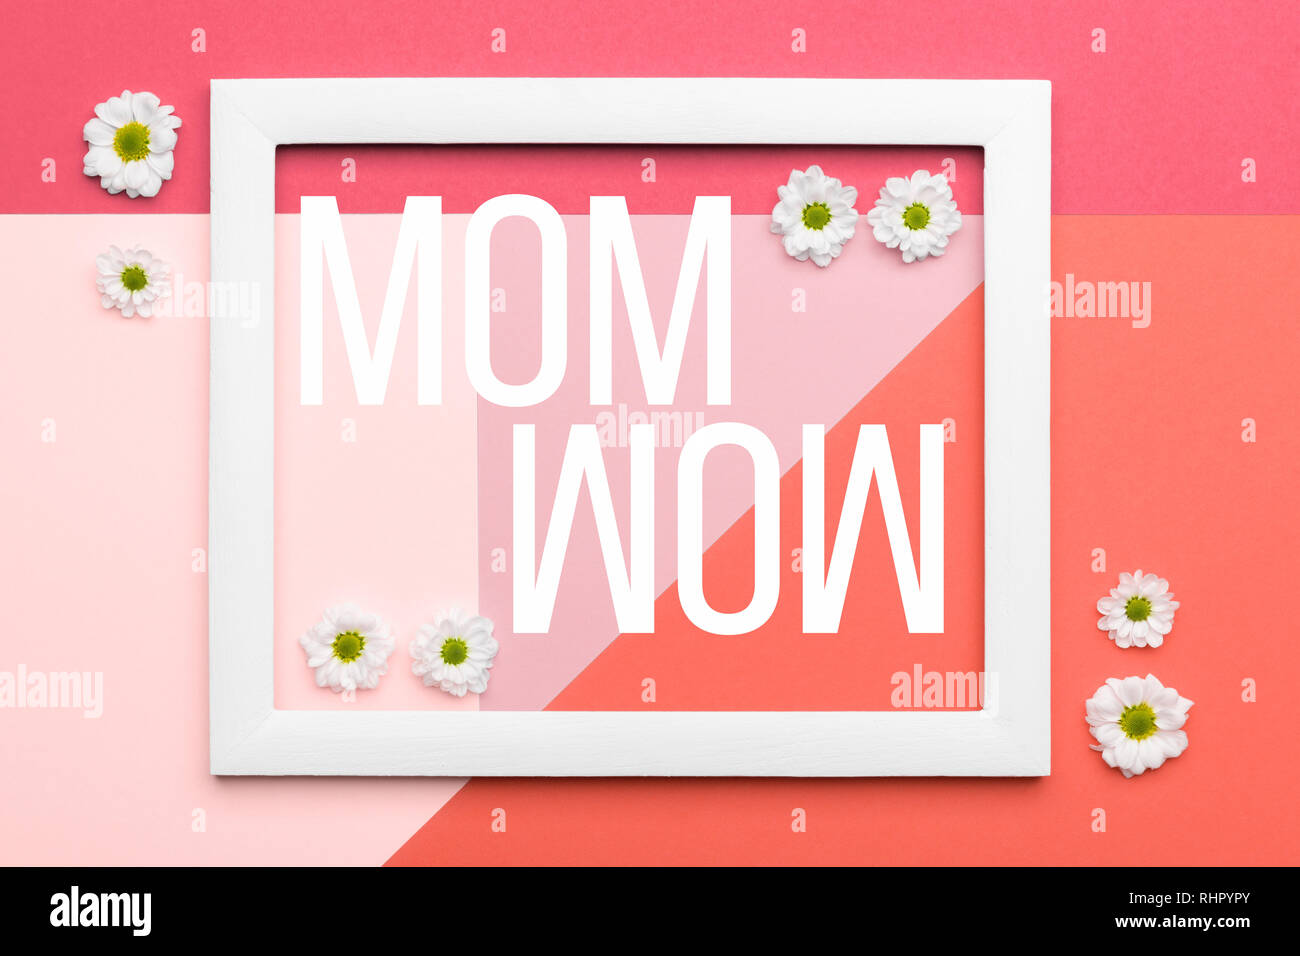 Heureuse Fête des coraux vivants et rose pastel Arrière-plan. Télévision Floral minimalisme laïcs carte de vœux. Photo Stock